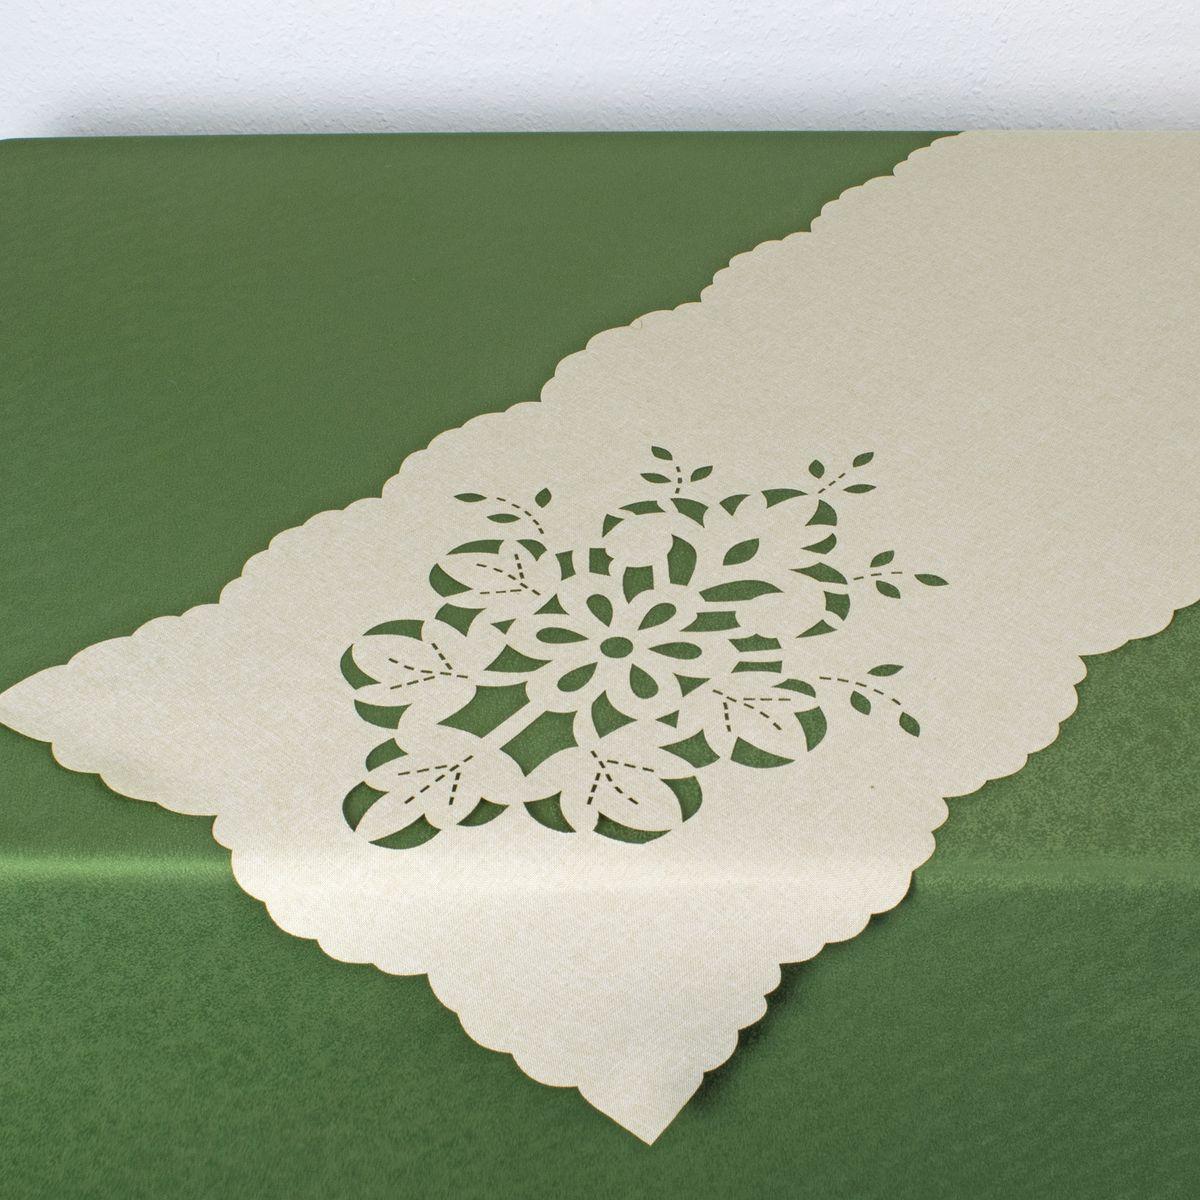 Дорожка для декорирования стола Schaefer , 40 х 140 см, цвет: белый. 07800-2111со44_синий, белыйДорожка для декорирования стола Schaefer может быть использована, как основной элемент, так и дополнение для создания уюта и романтического настроения.Дорожка выполнена из полиэстера. Изделие легко стирать: оно не мнется, не садится и быстро сохнет, более долговечно, чем изделие из натуральных волокон.Материал: 100% полиэстер.Размер: 40 х 140 см.